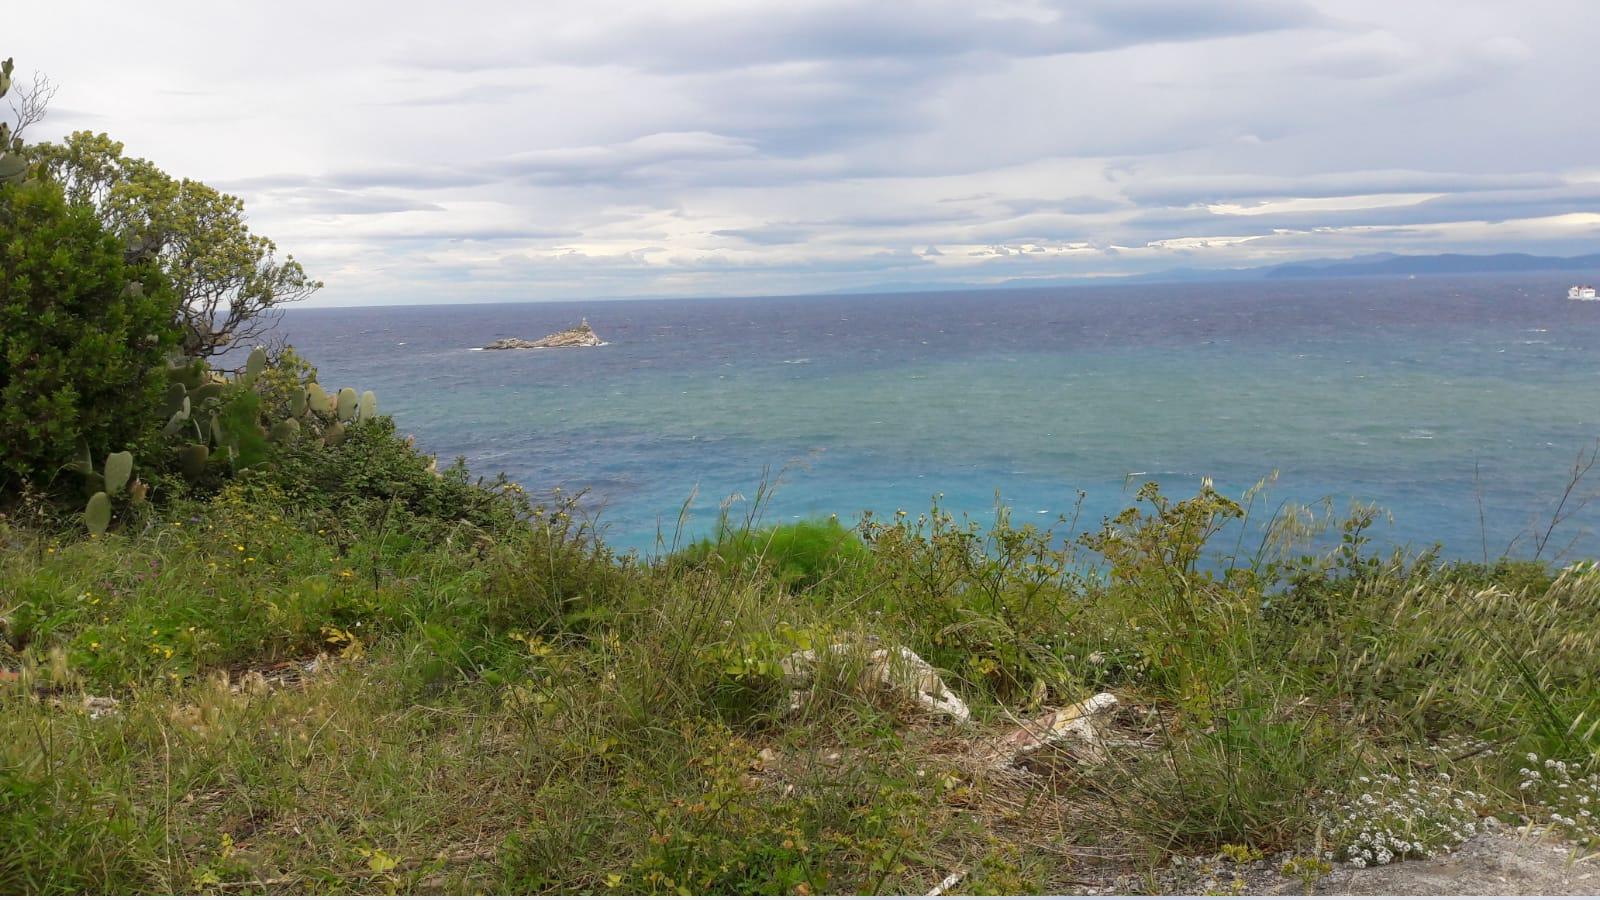 Il mare dal giardino della villa napoleonica